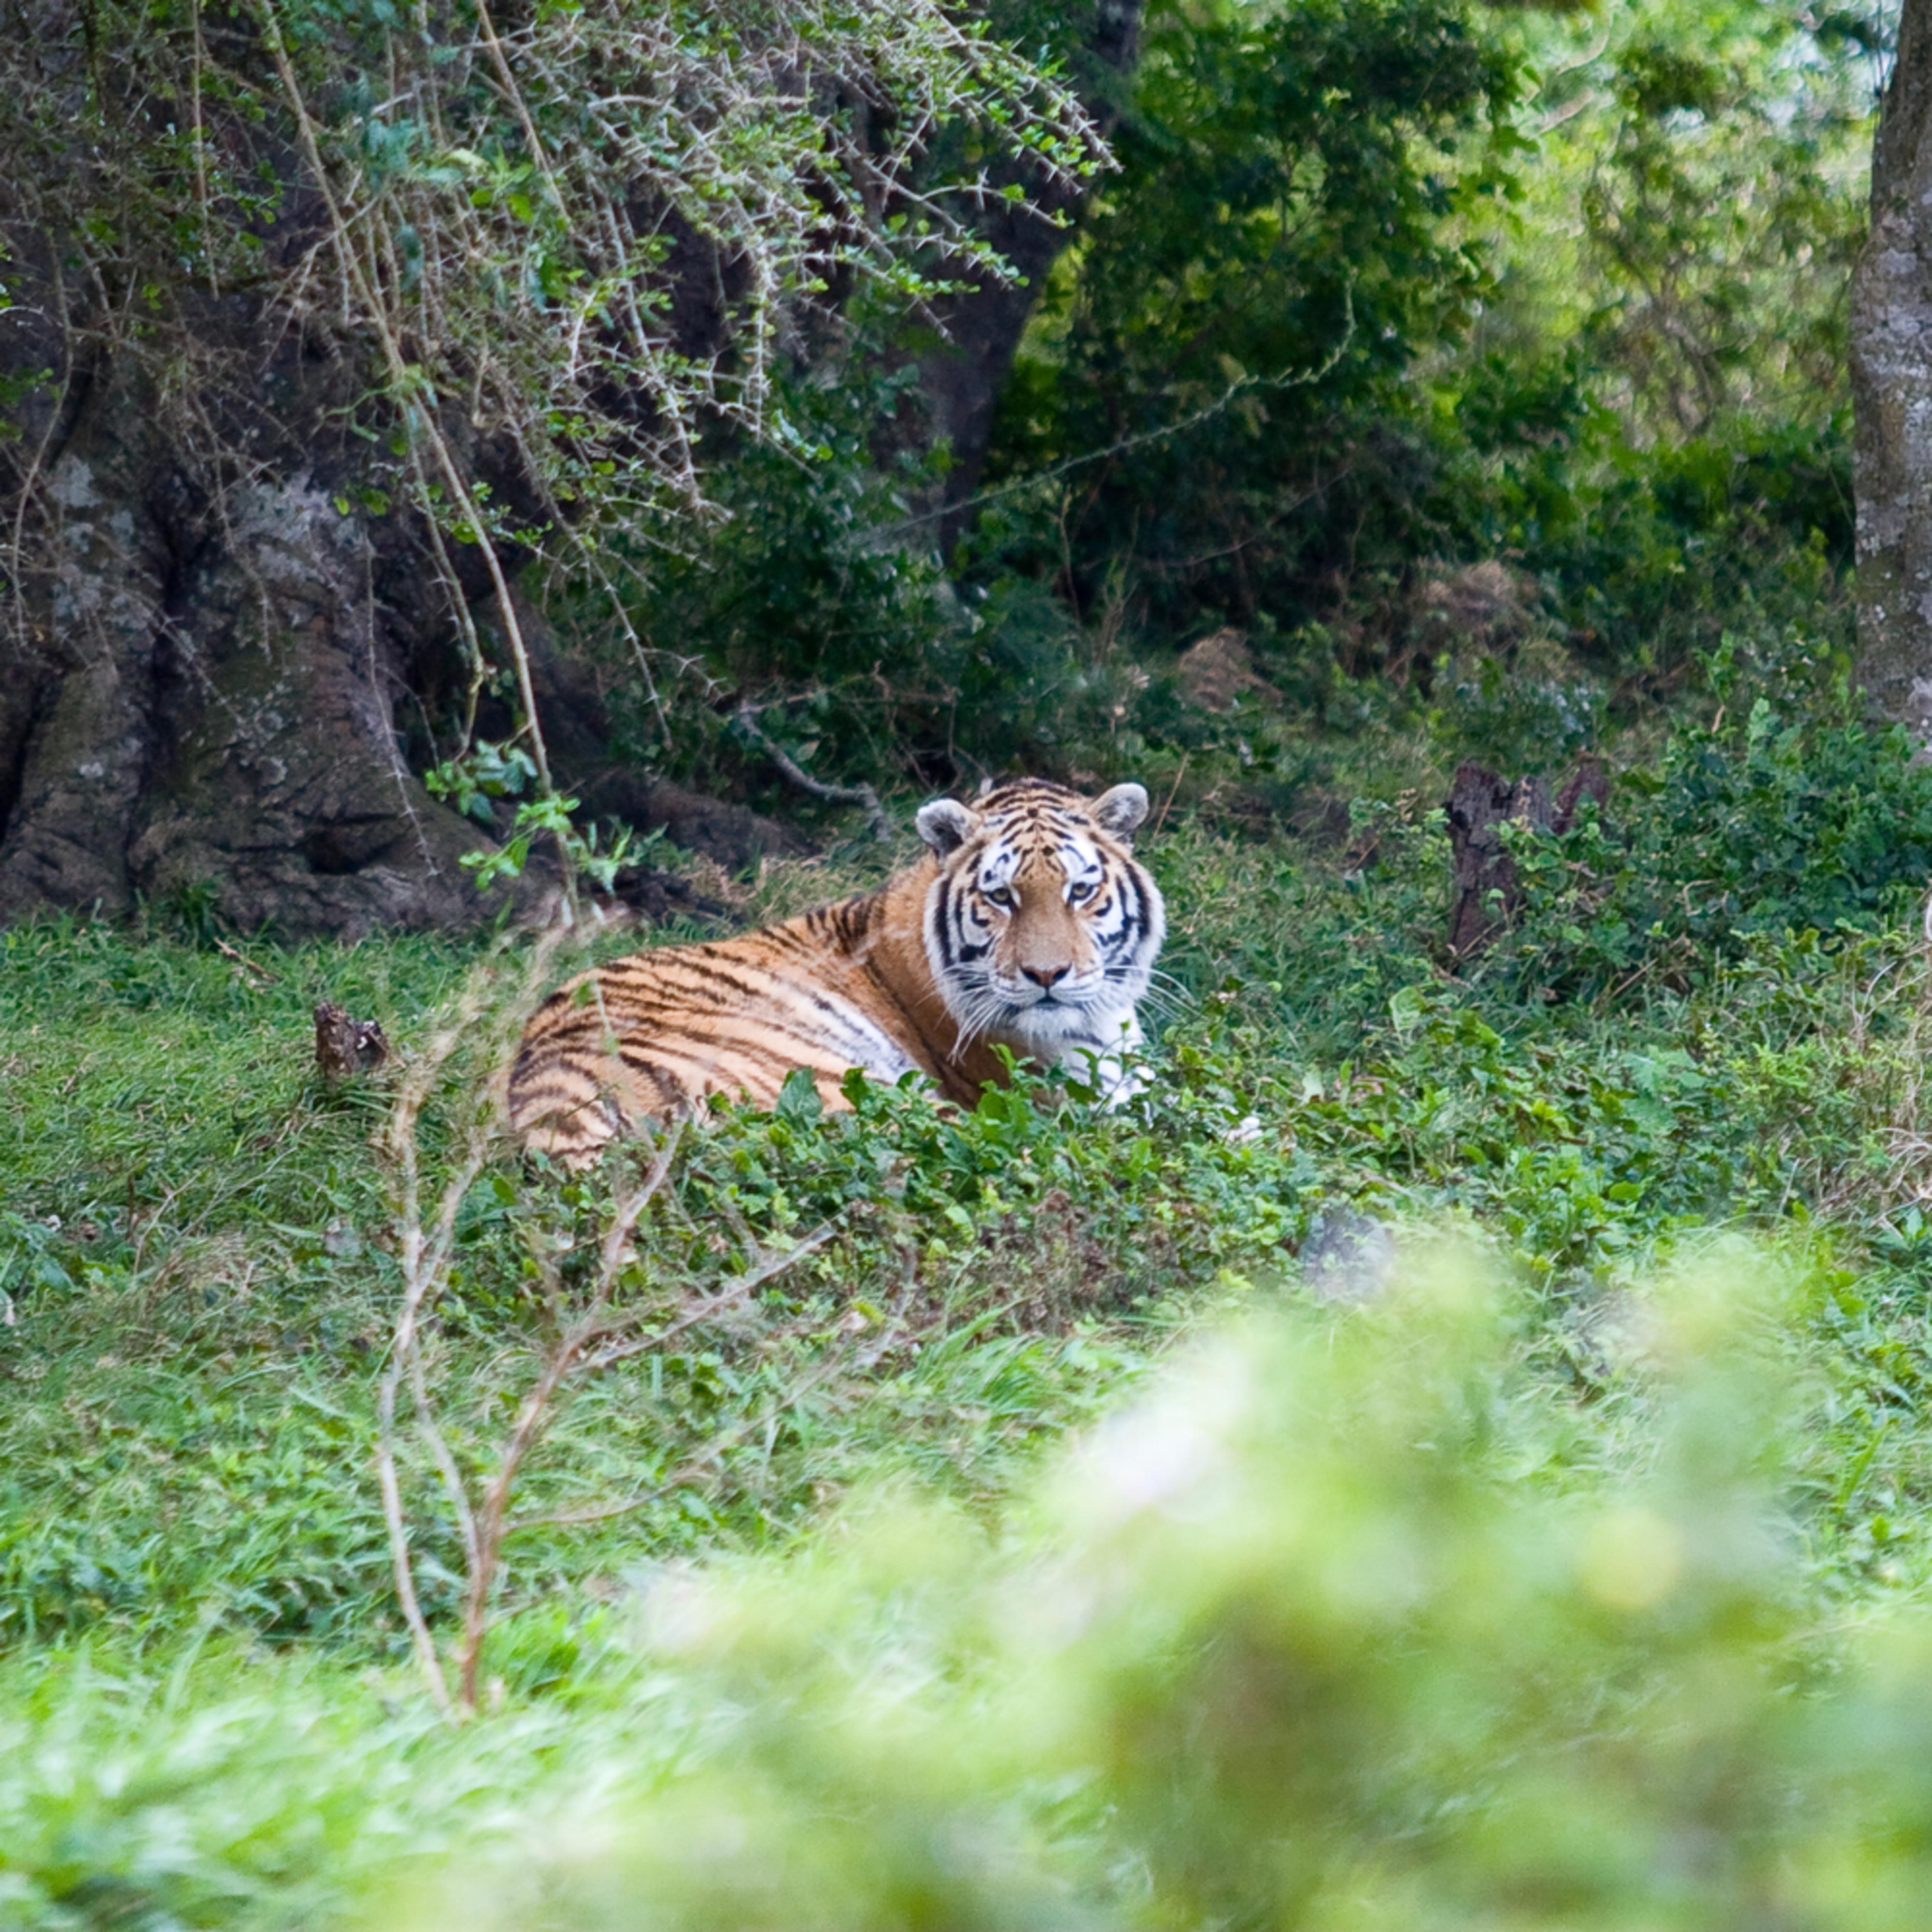 Tiger uymdoh